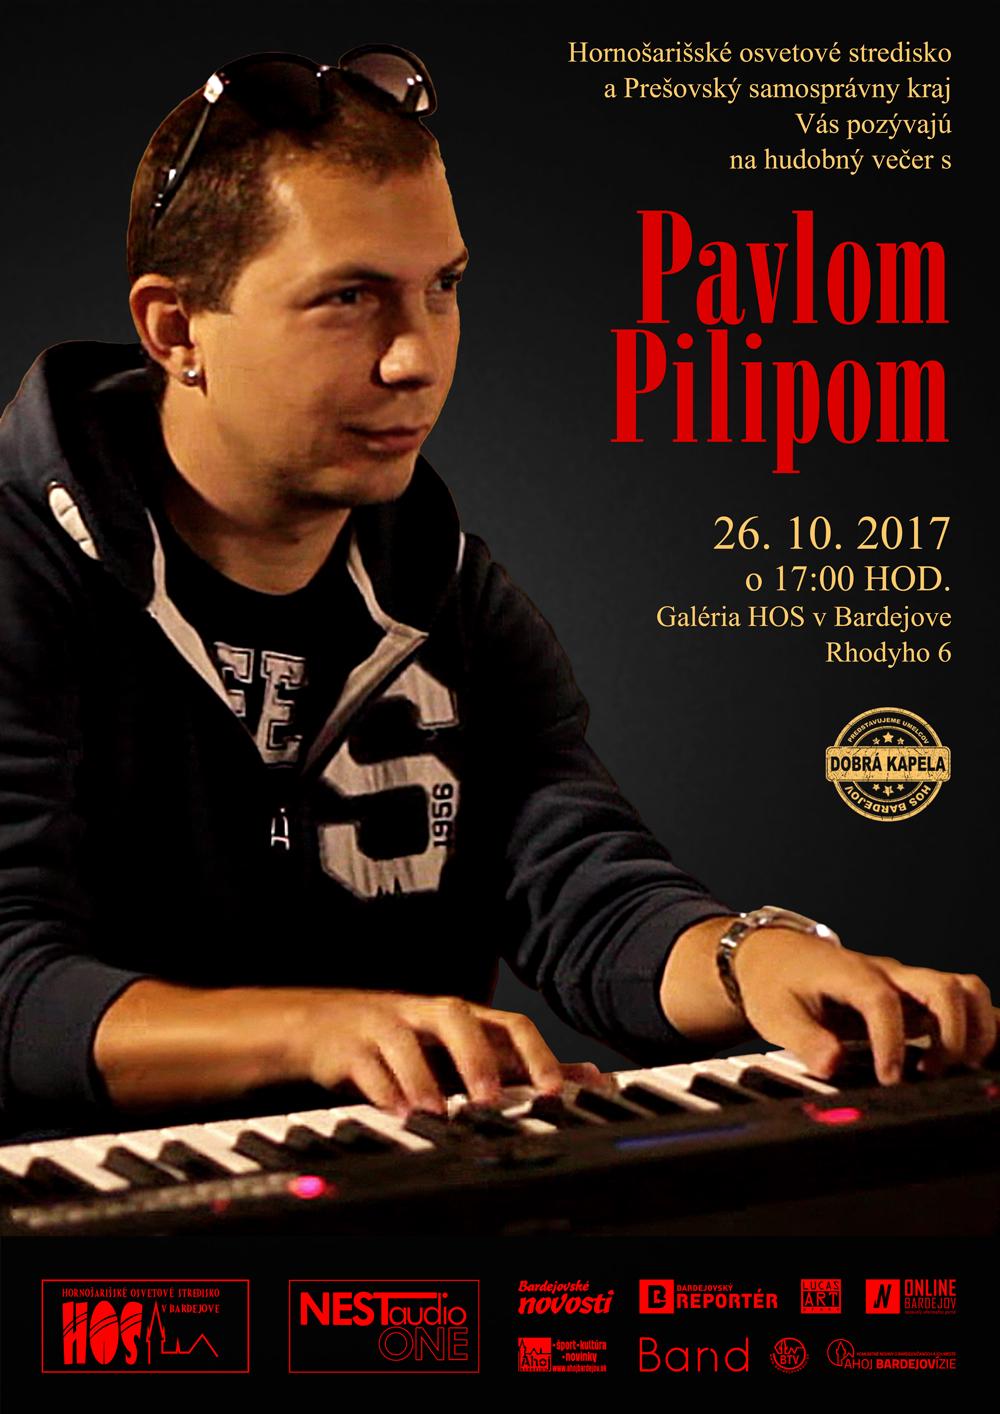 Hudobný večer s Pavlom Pilipom